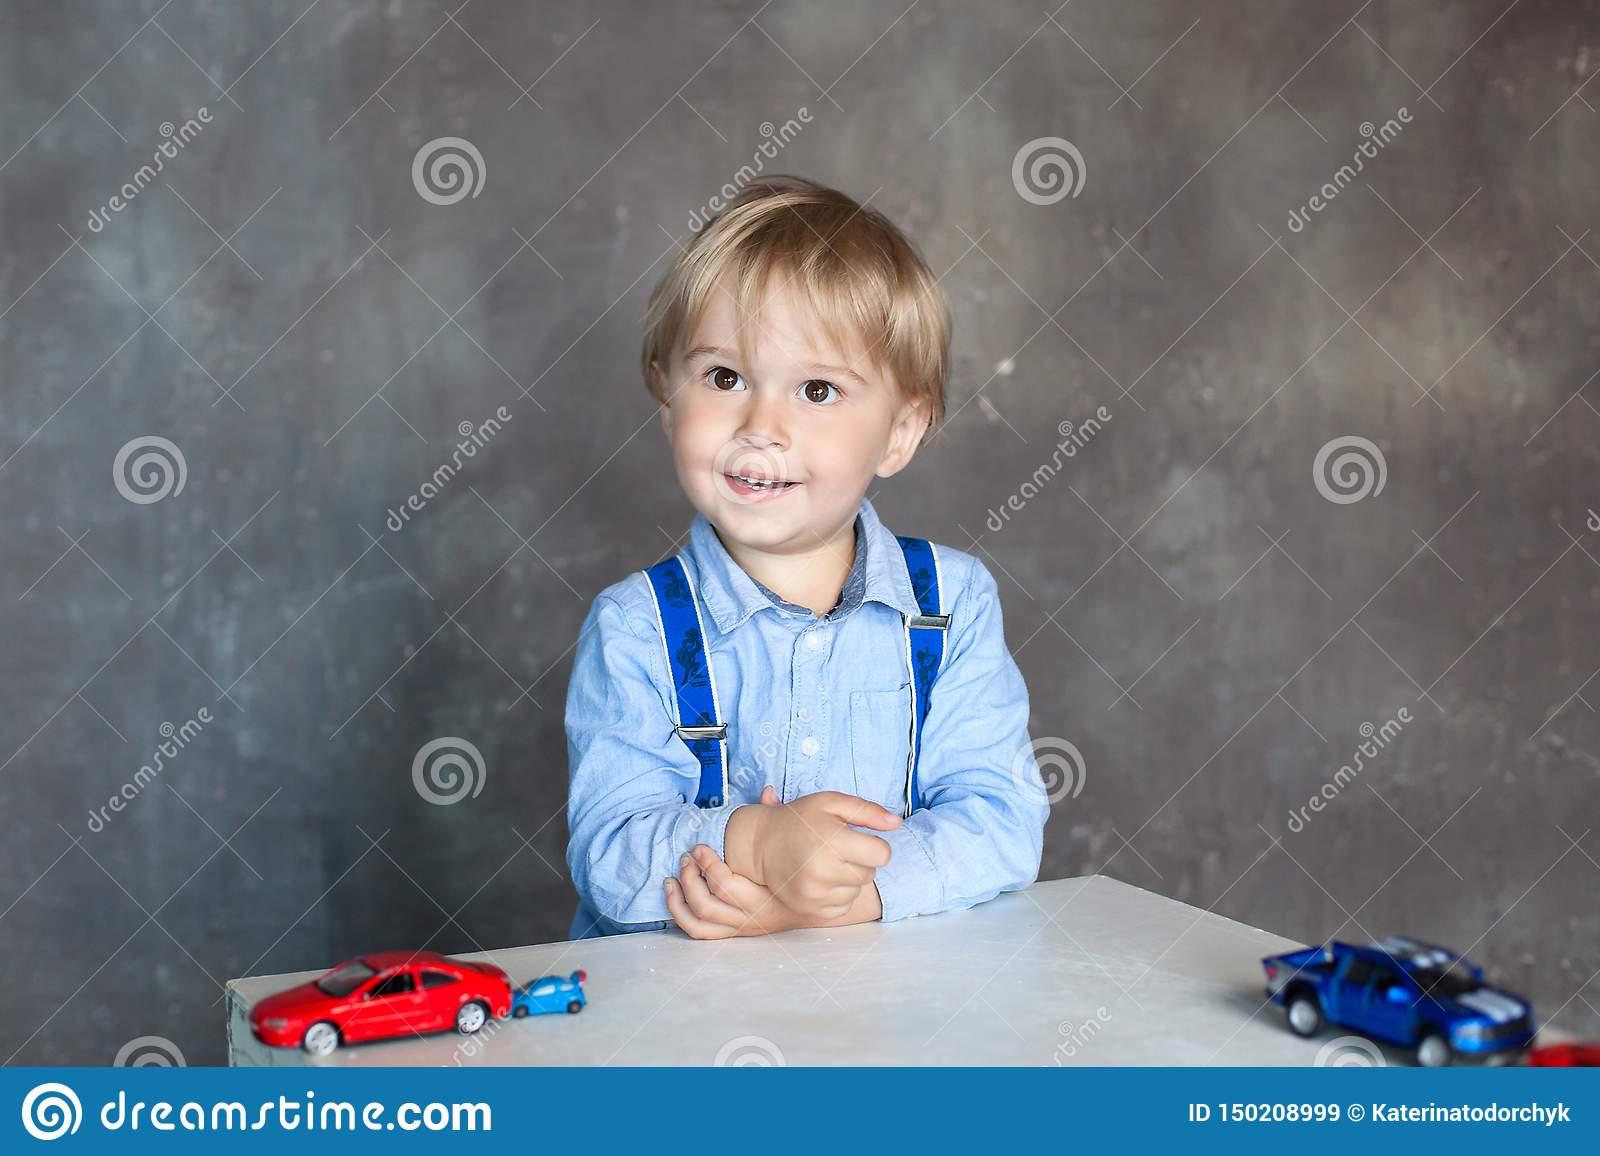 Portrait D'un Petit Garçon Mignon Jouant Avec Des Voitures dedans Les Jeux Des Garçons De Voiture